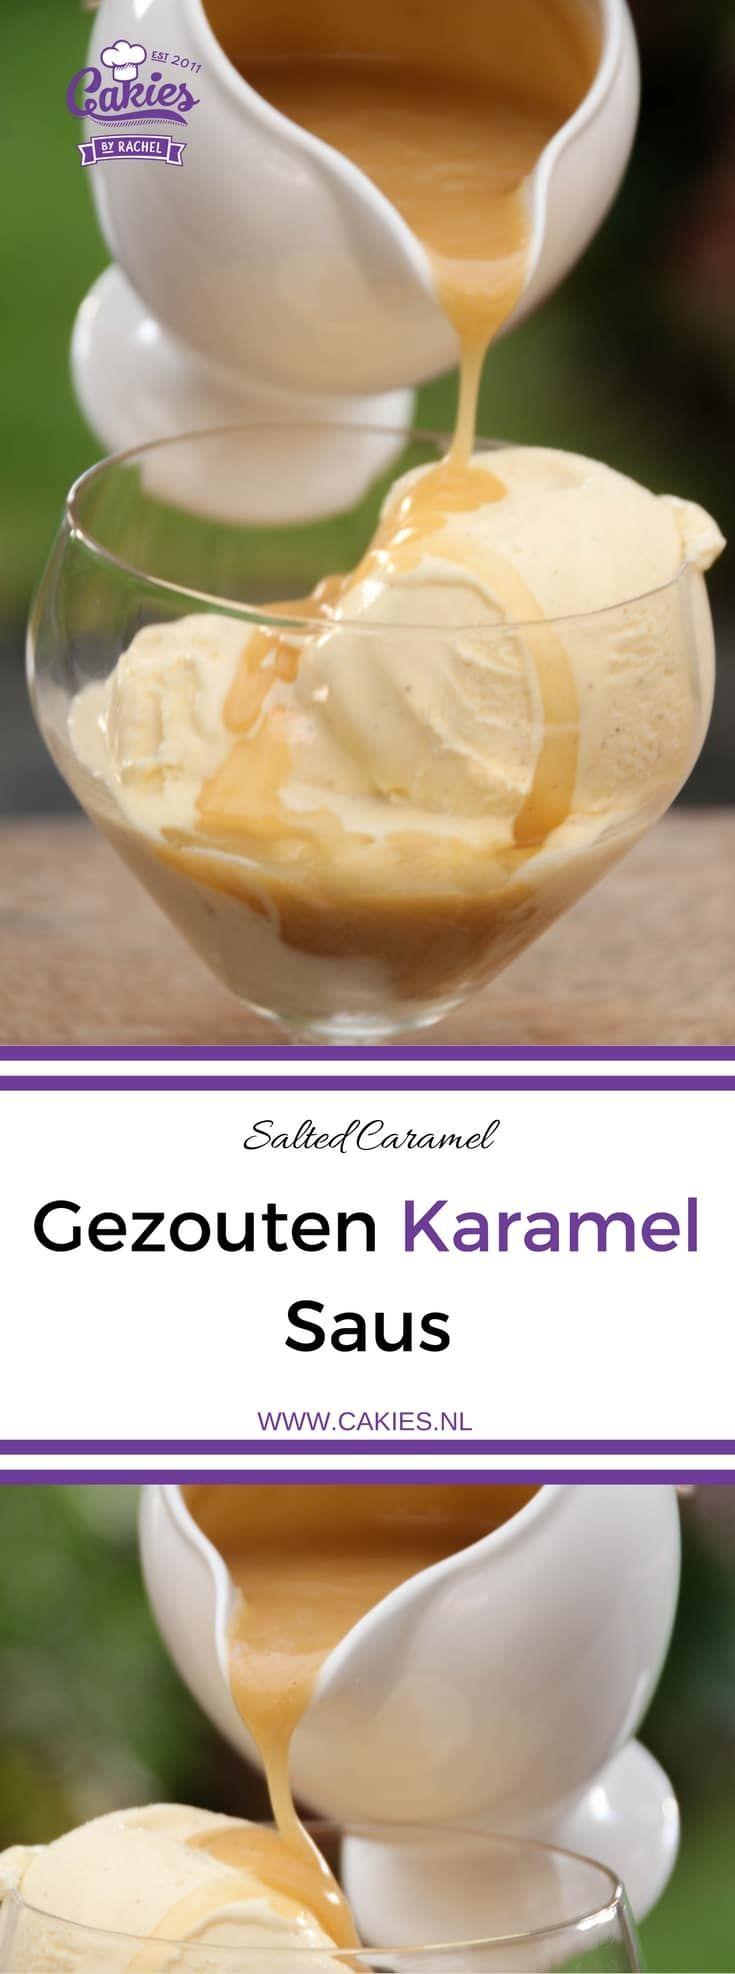 Gezouten Karamel Saus kan je schenken over ijs, taarten, cupcakes, desserts of gebruik het als dipsaus, gezouten karamel is altijd wel te gebruiken :)   http://www.cakies.nl   Recept